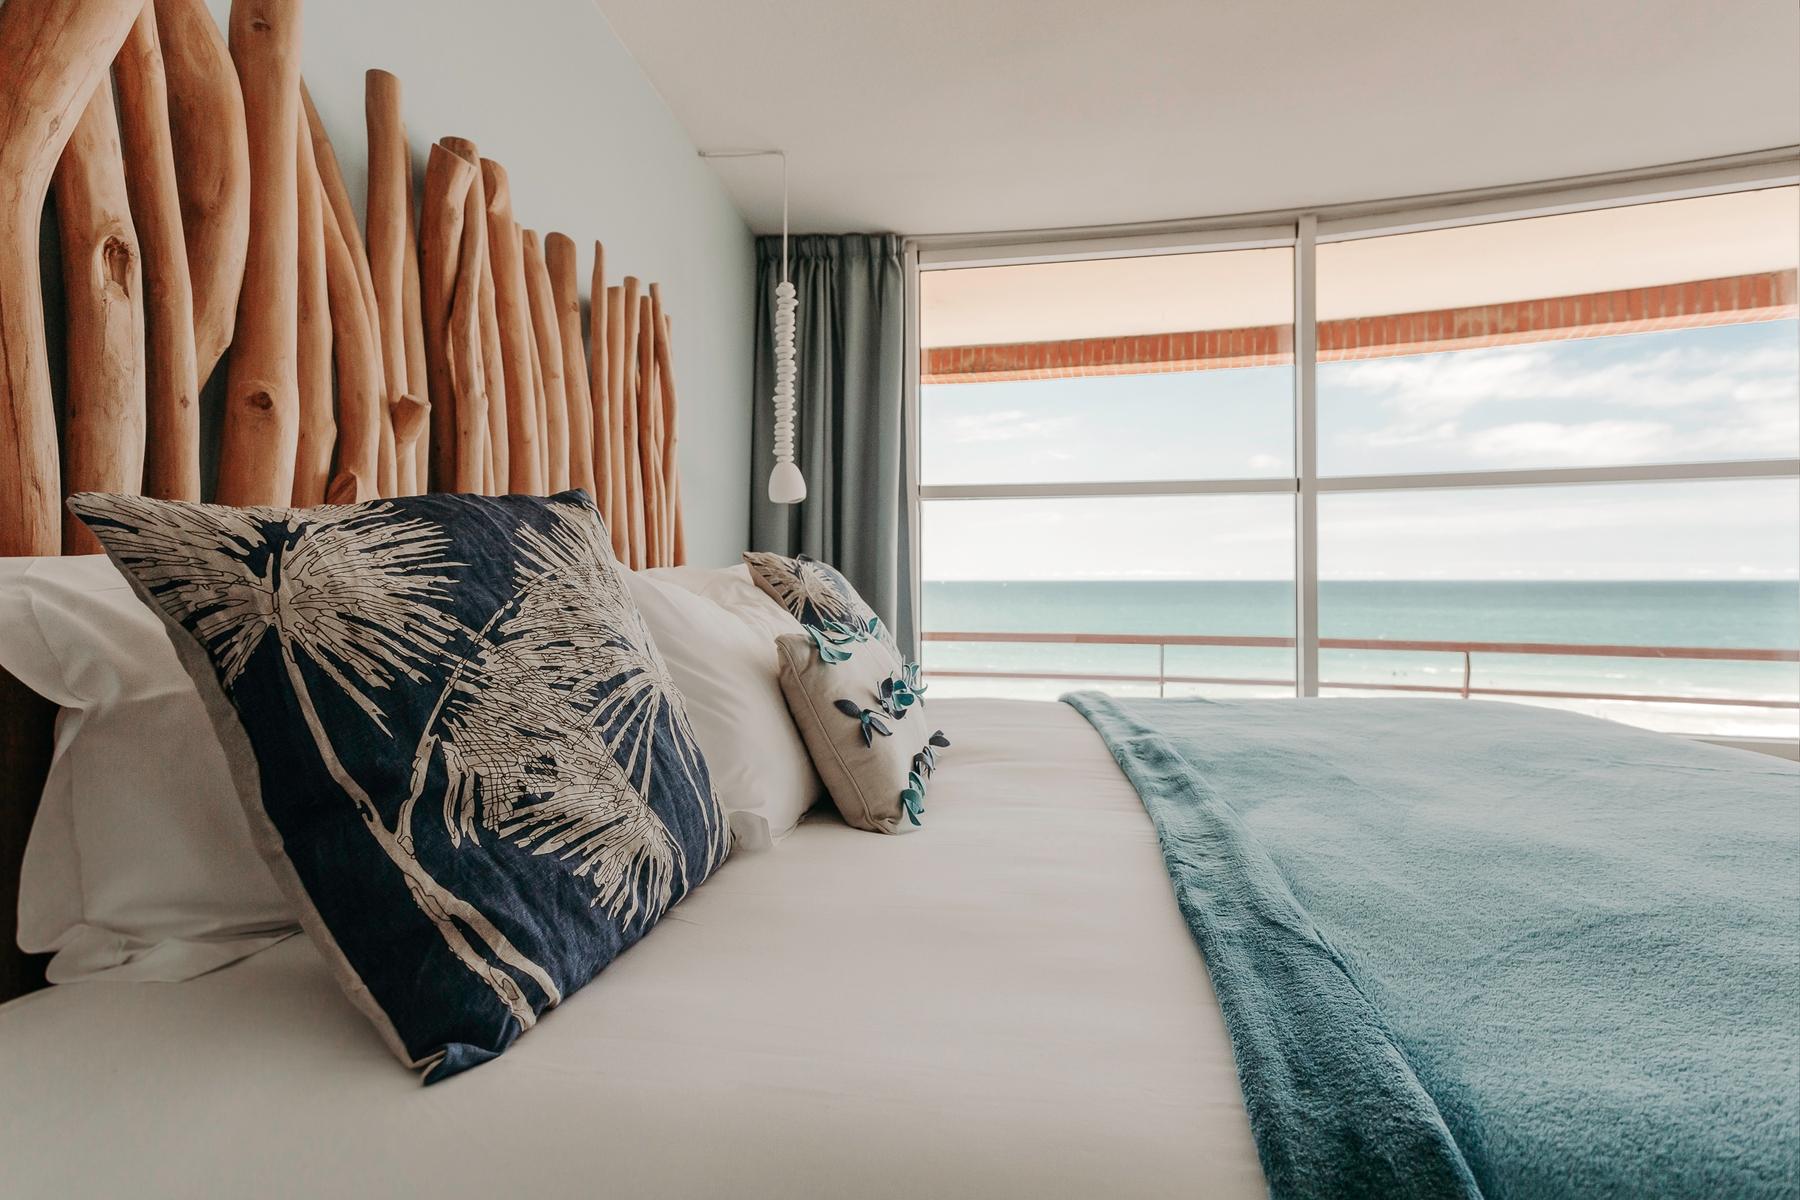 Découvrir les Landes avec un séjour à au Baya Hotel & Spa, l'un des meilleurs hôtels de plage en France